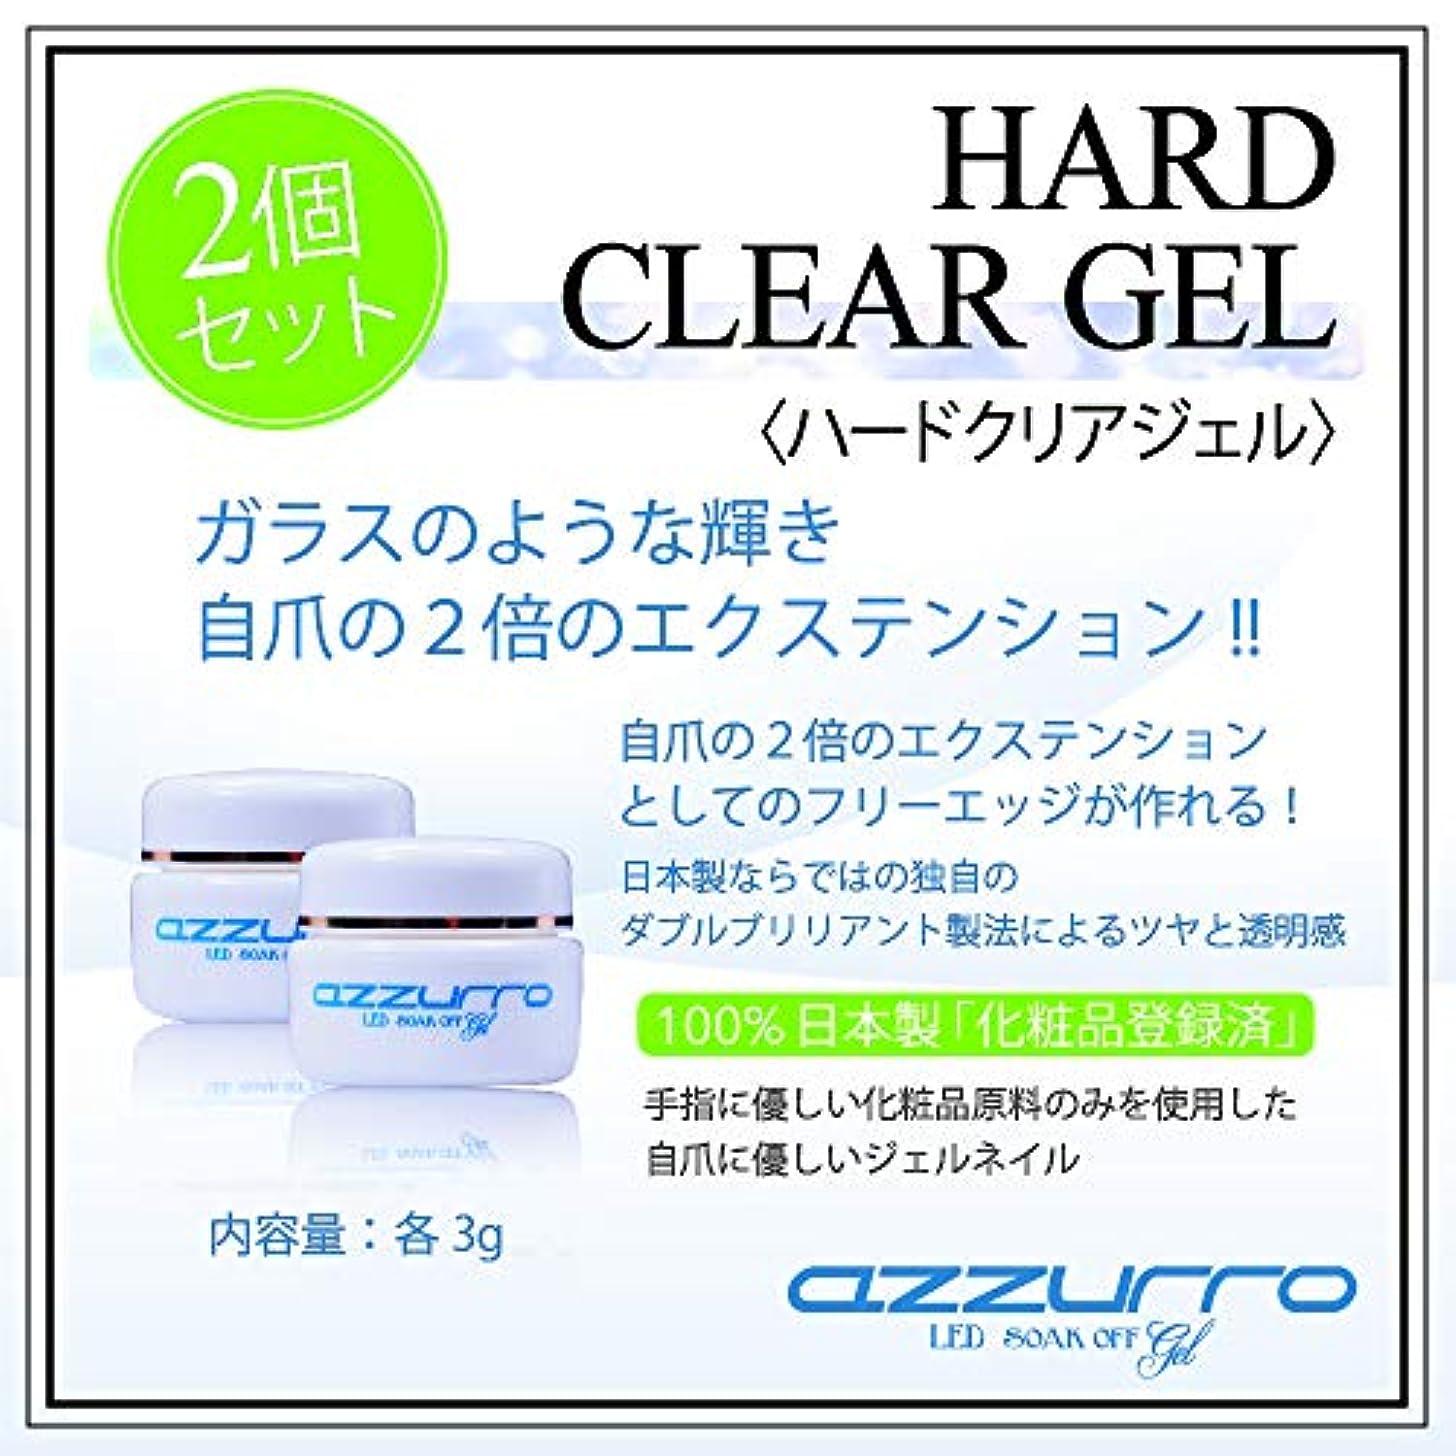 処分した阻害する区画azzurro gel アッズーロハードクリアージェル 3g お得な2個セット キラキラ感持続 抜群のツヤ